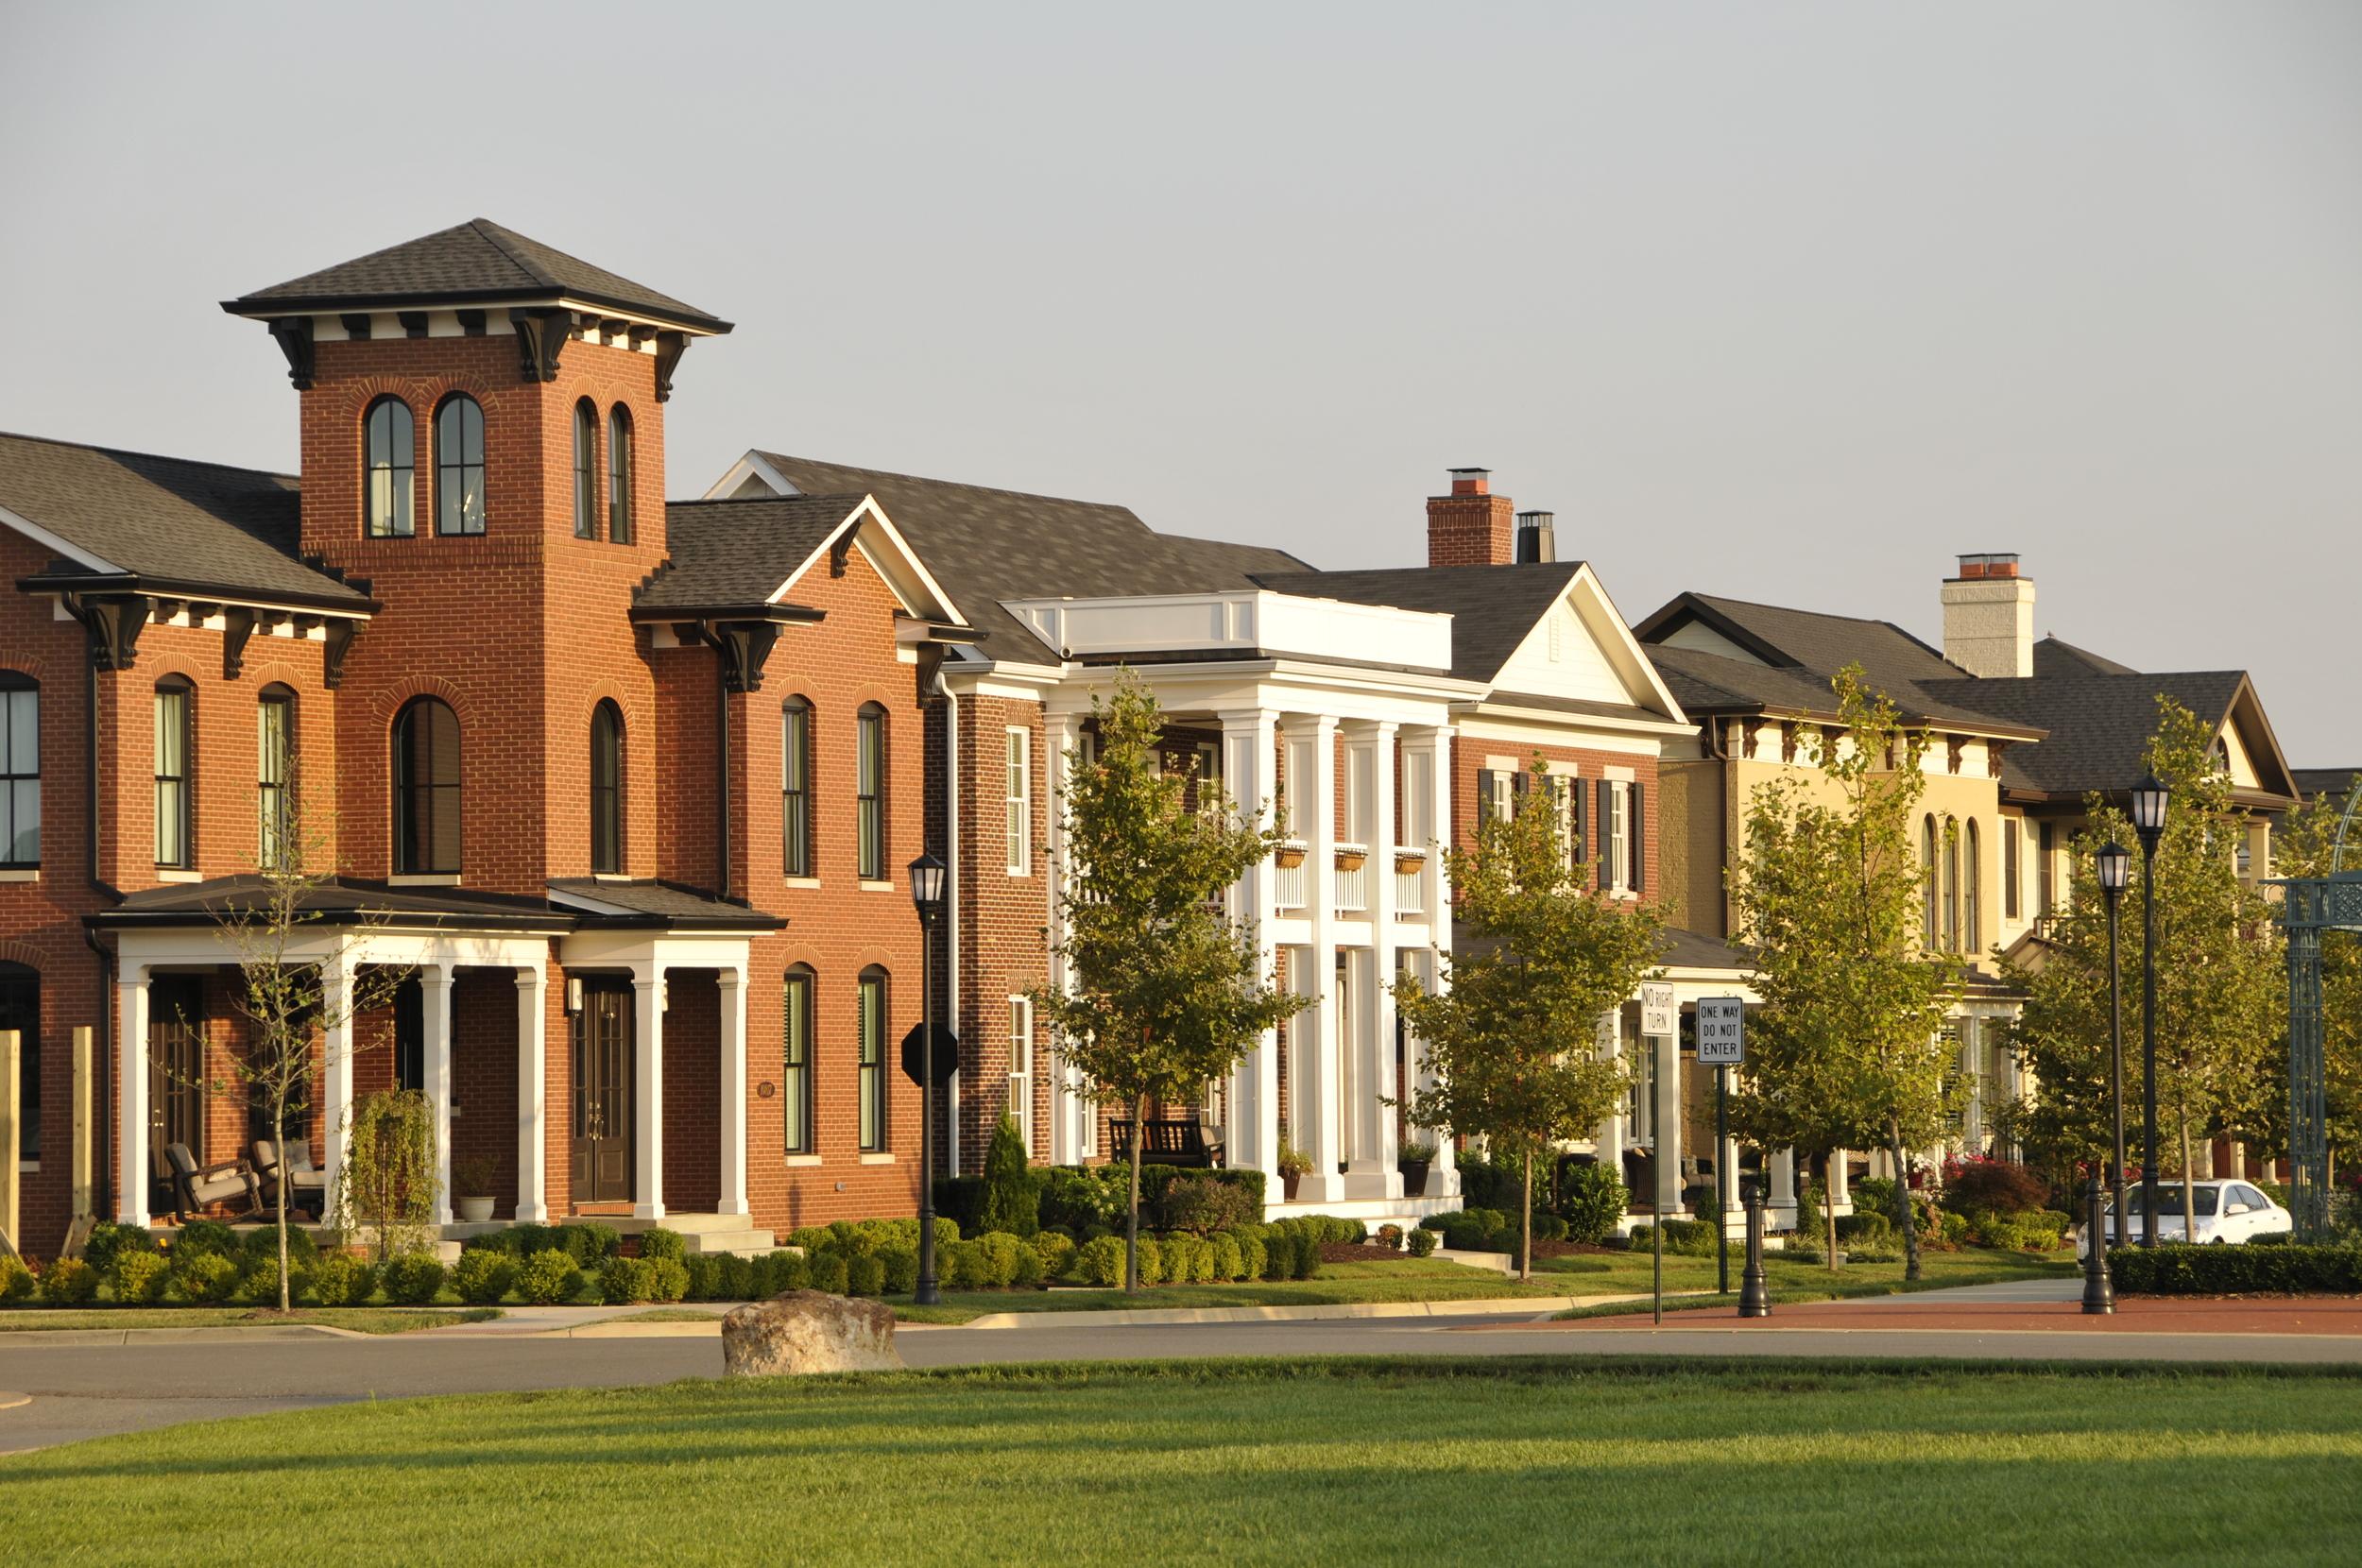 Towns, Villages, & Neighborhoods